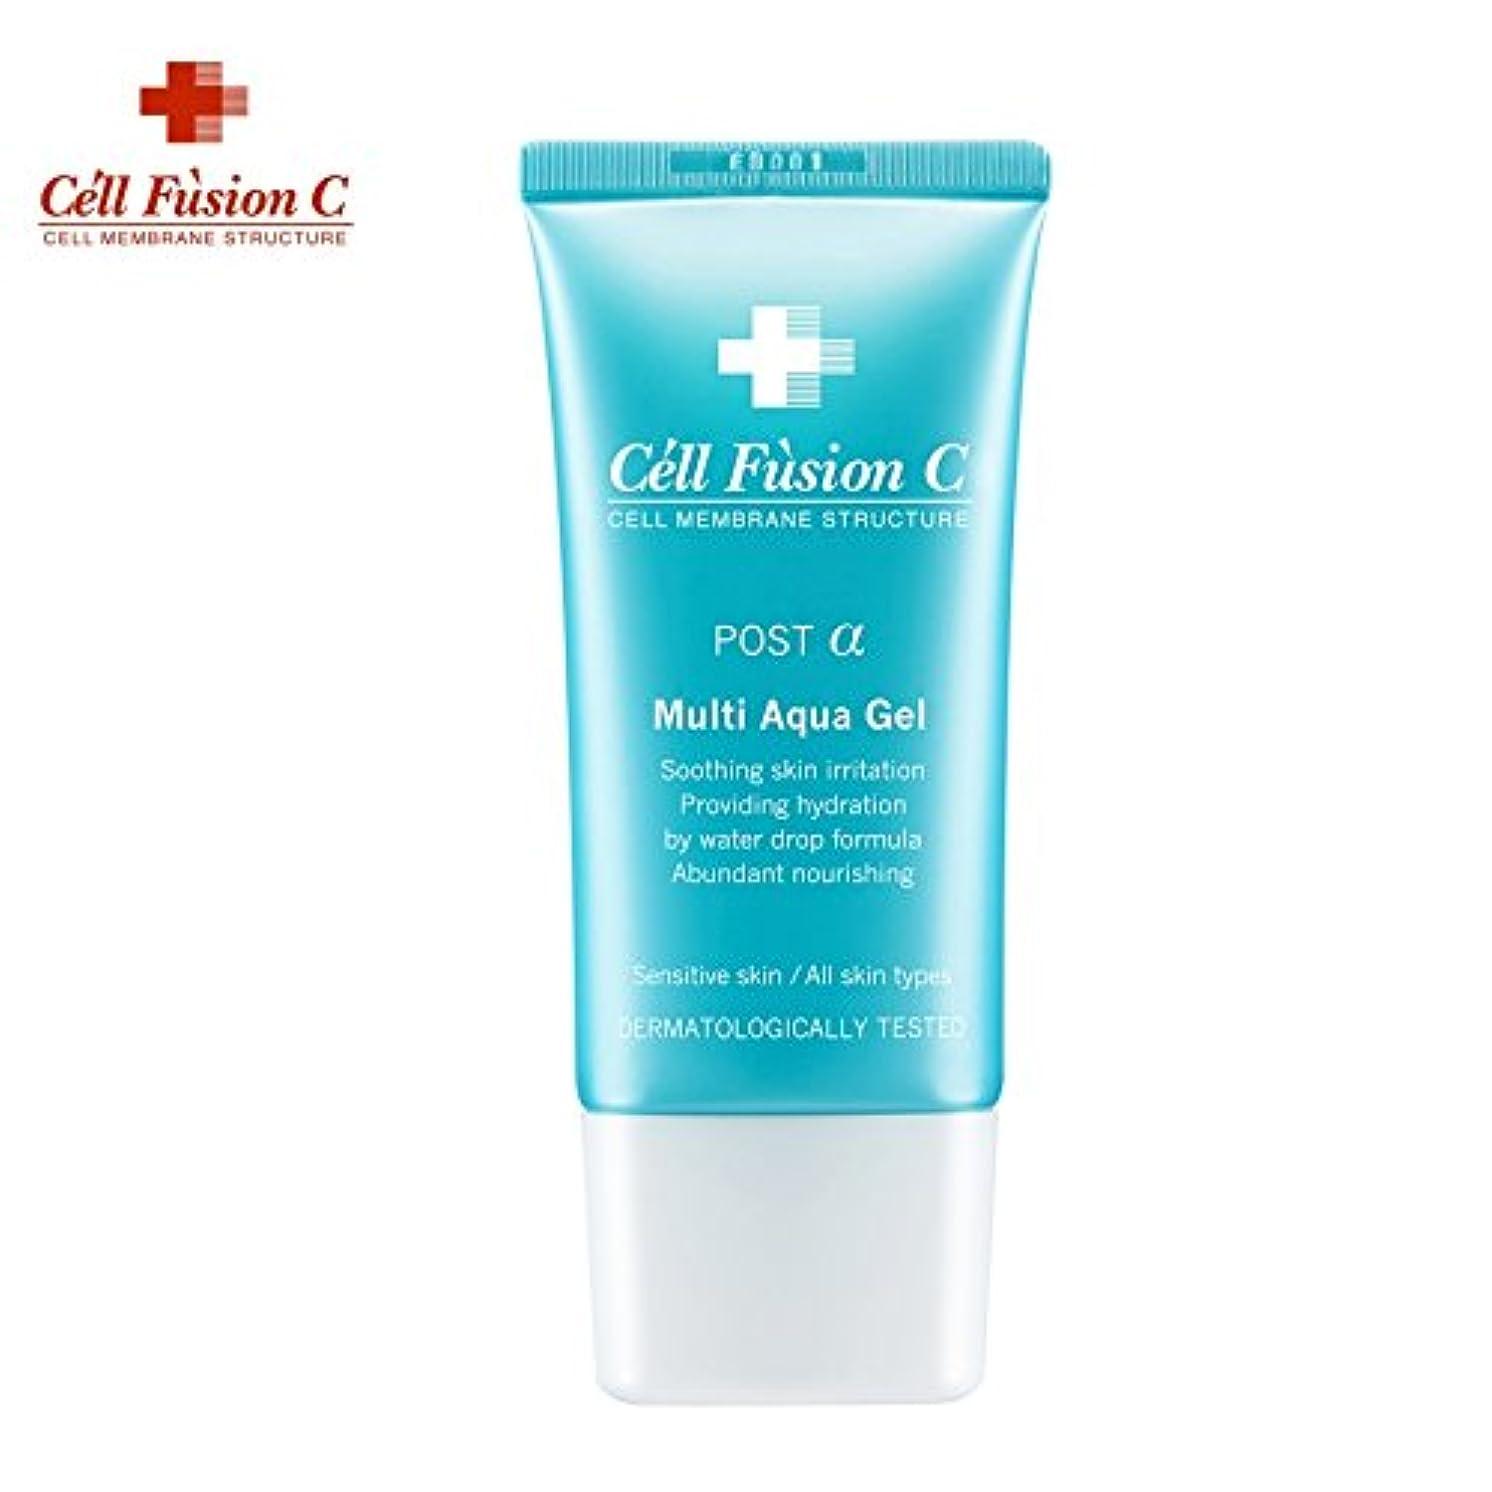 味誤解れるセルフュージョンCマルチアクアジェル(モイスチャーセラム)[韓国人気コスメ イージーデュー 芸能人化粧品](CELL FUSION C Multi Aqua Gel (Moisture Serum)) [並行輸入品]